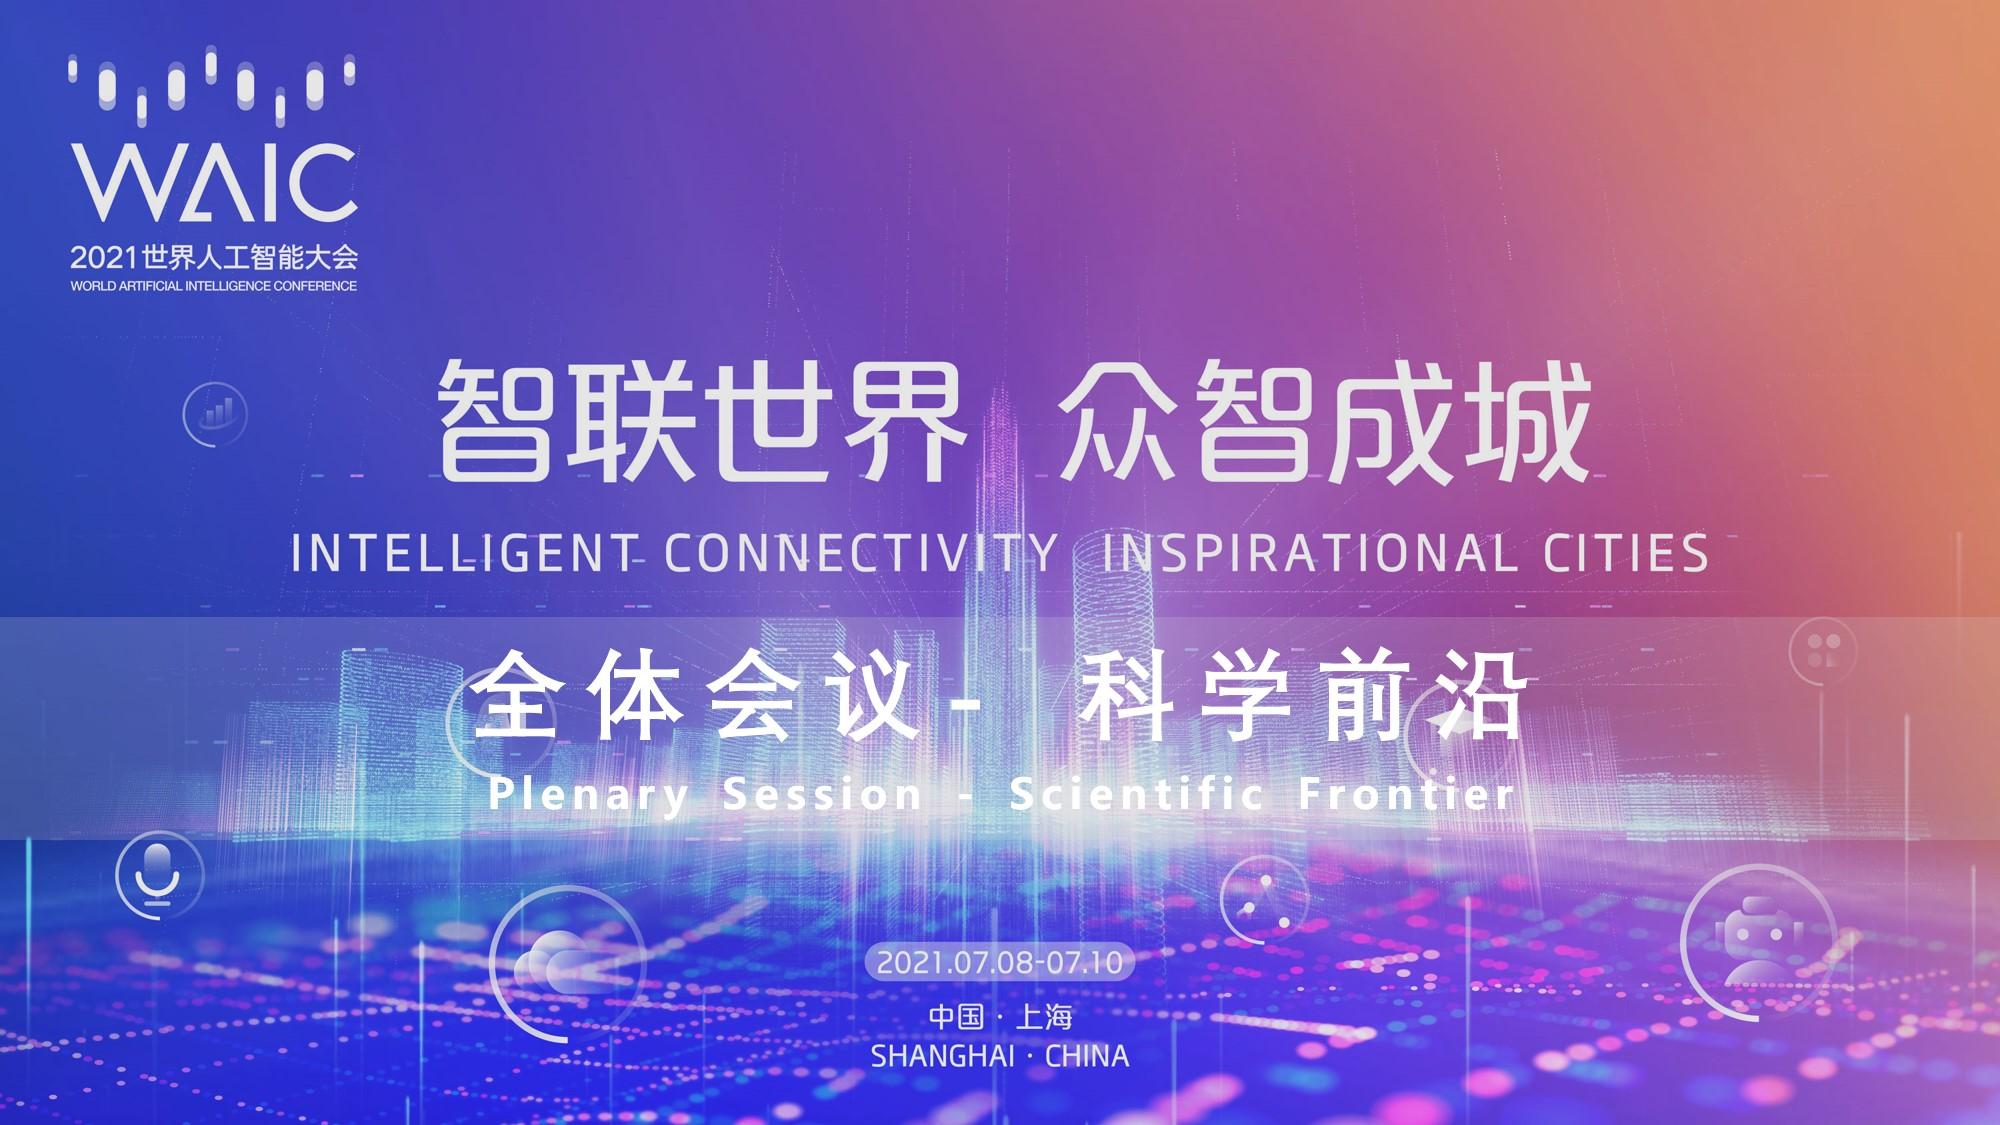 2021世界人工智能大会全体会议:科学前沿